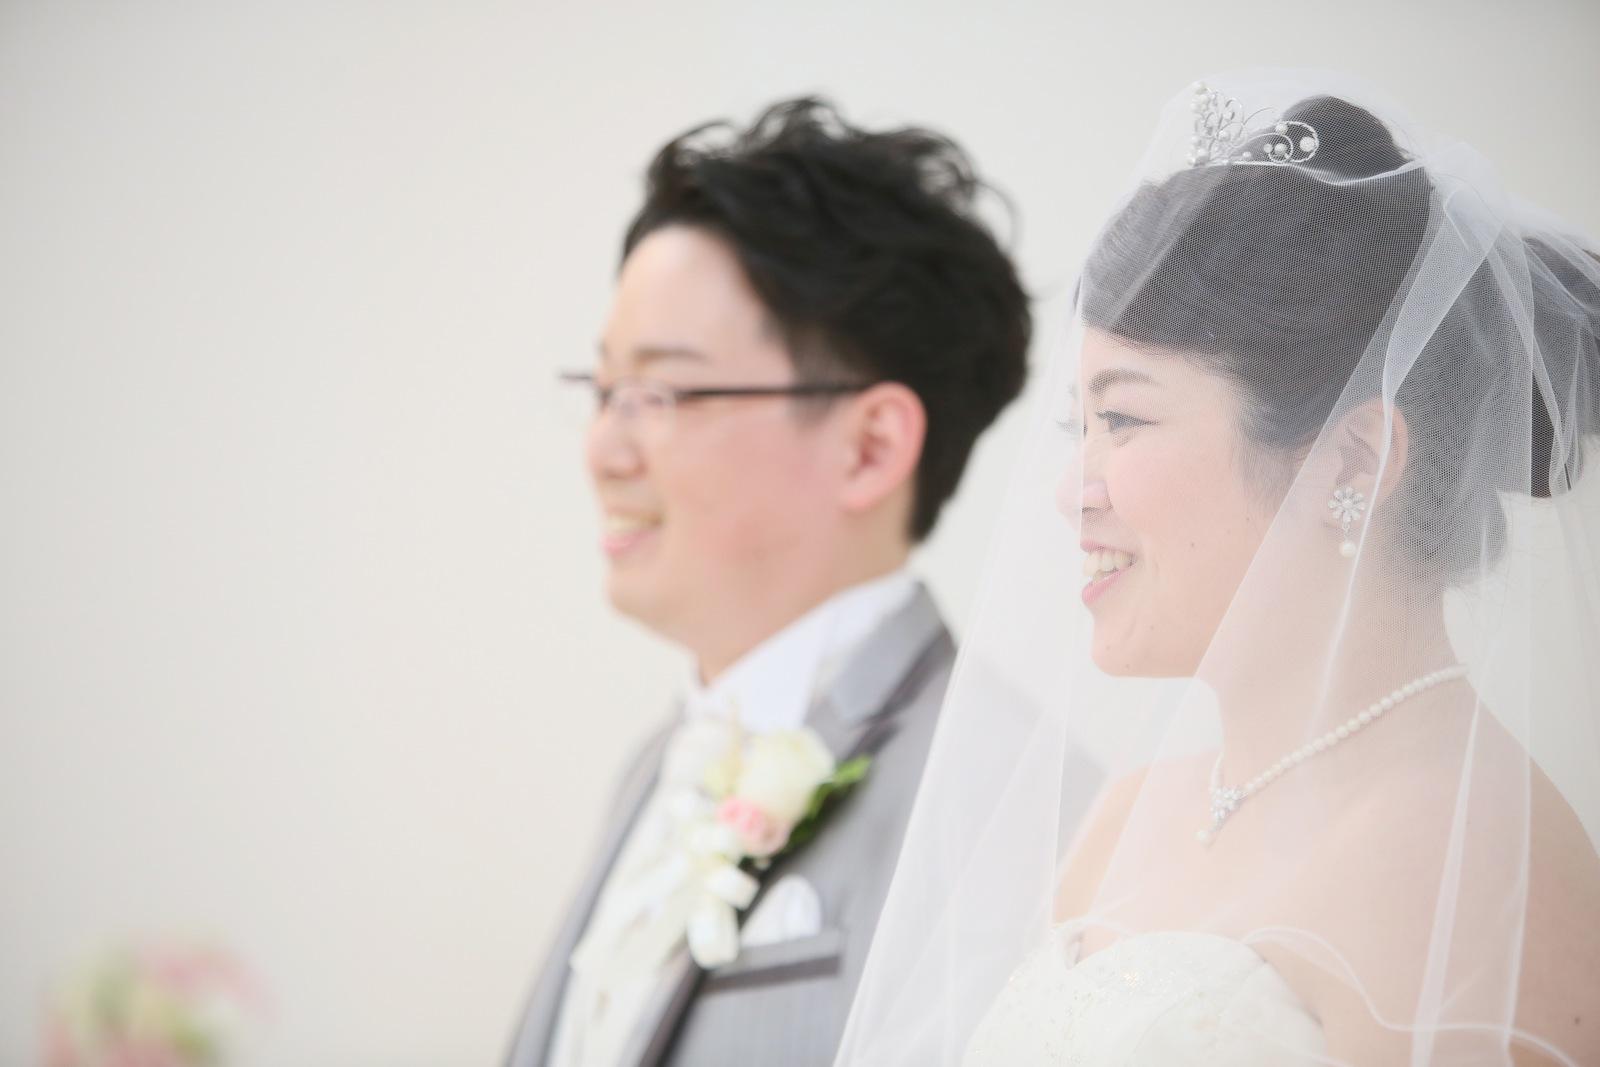 徳島市の結婚式場ブランアンジュのチャペルに入場する新郎新婦